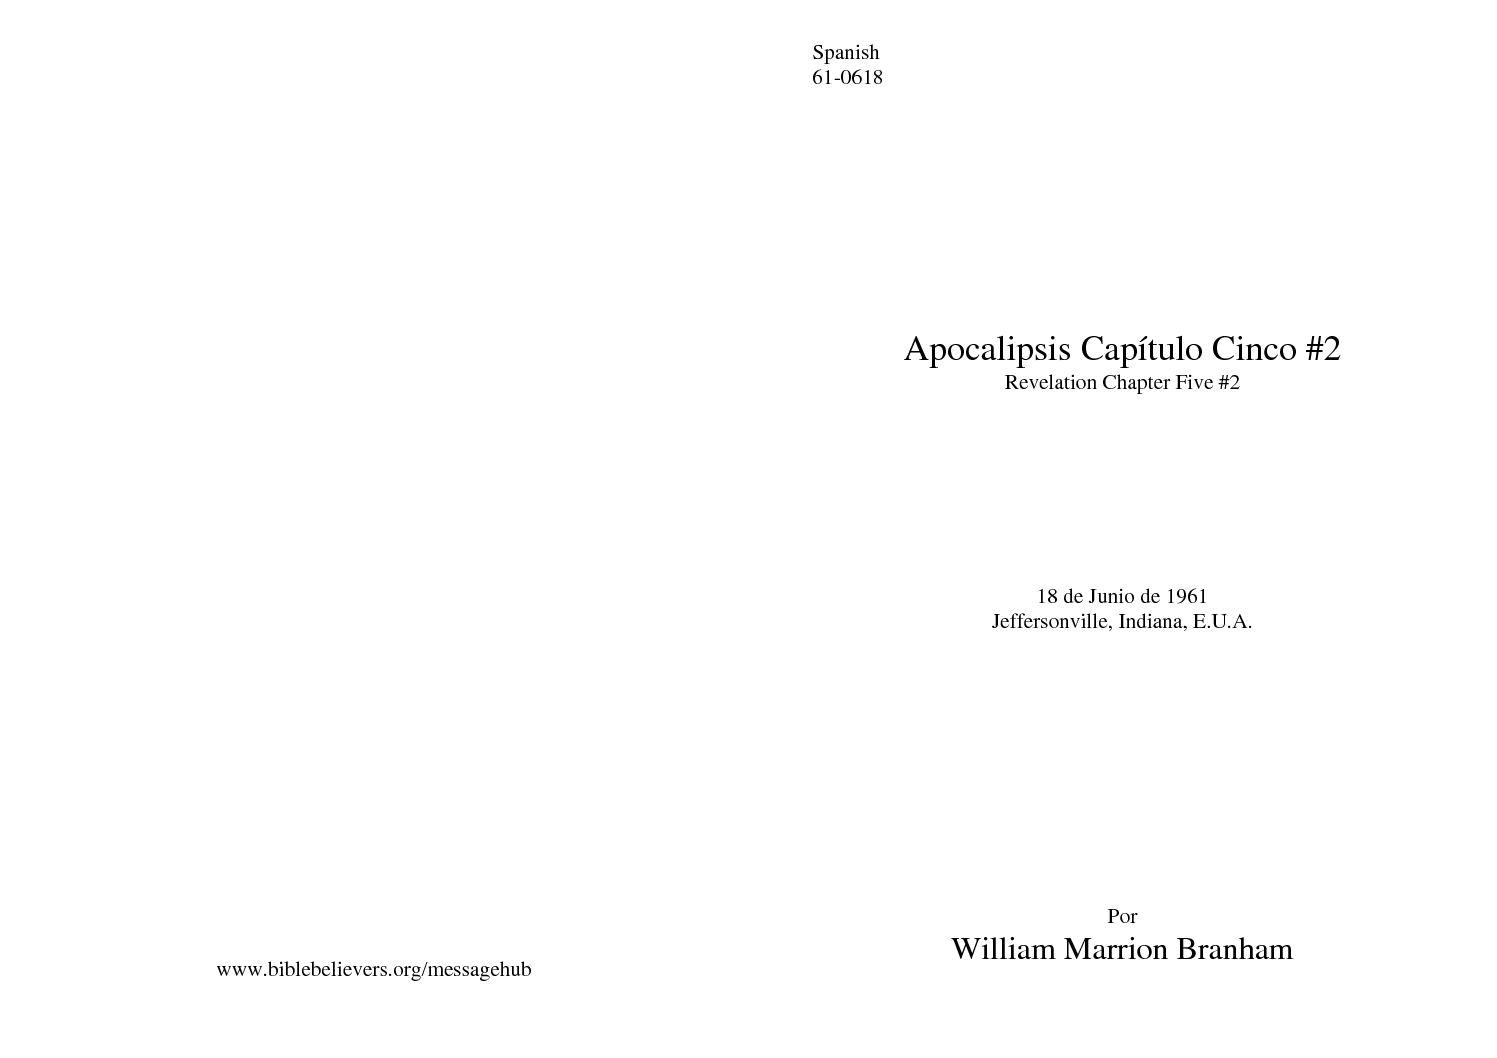 61-0618 APOCALIPSIS CAPITULO 5 #2